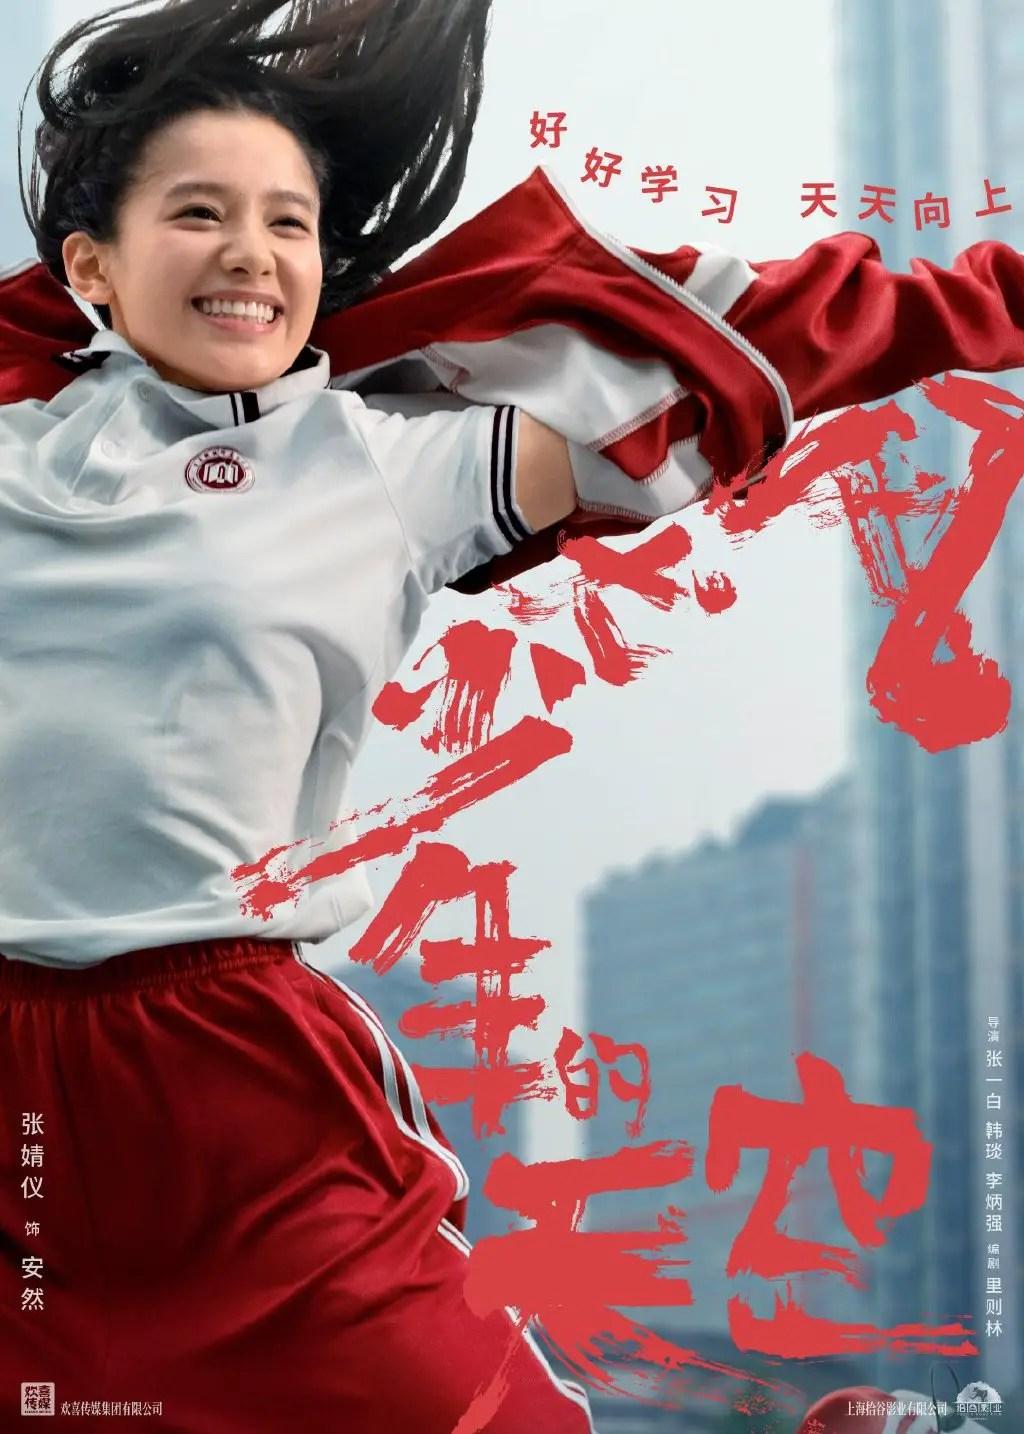 Zhang Jing Yi